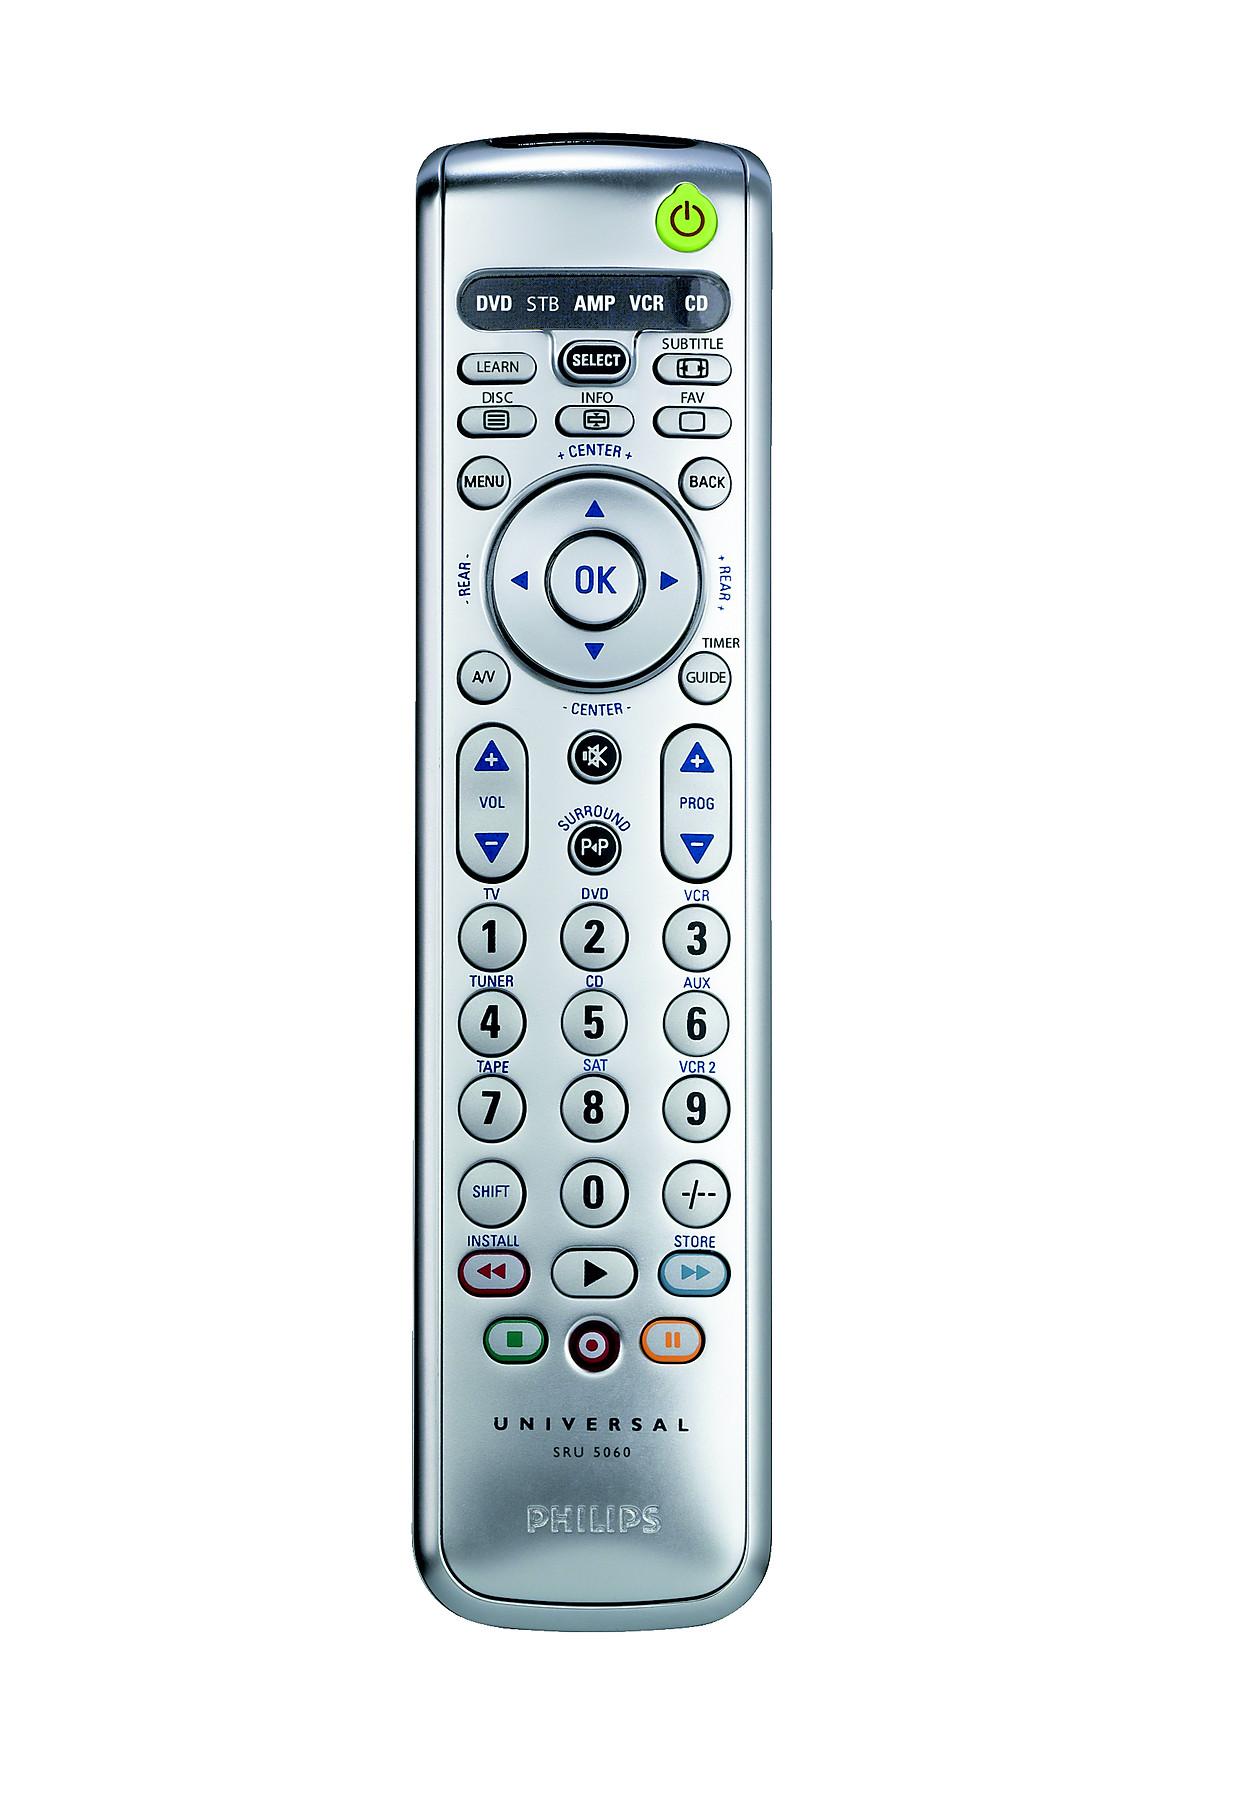 Acquista philips telecomando universale sru5060 87 for Philips telecomando